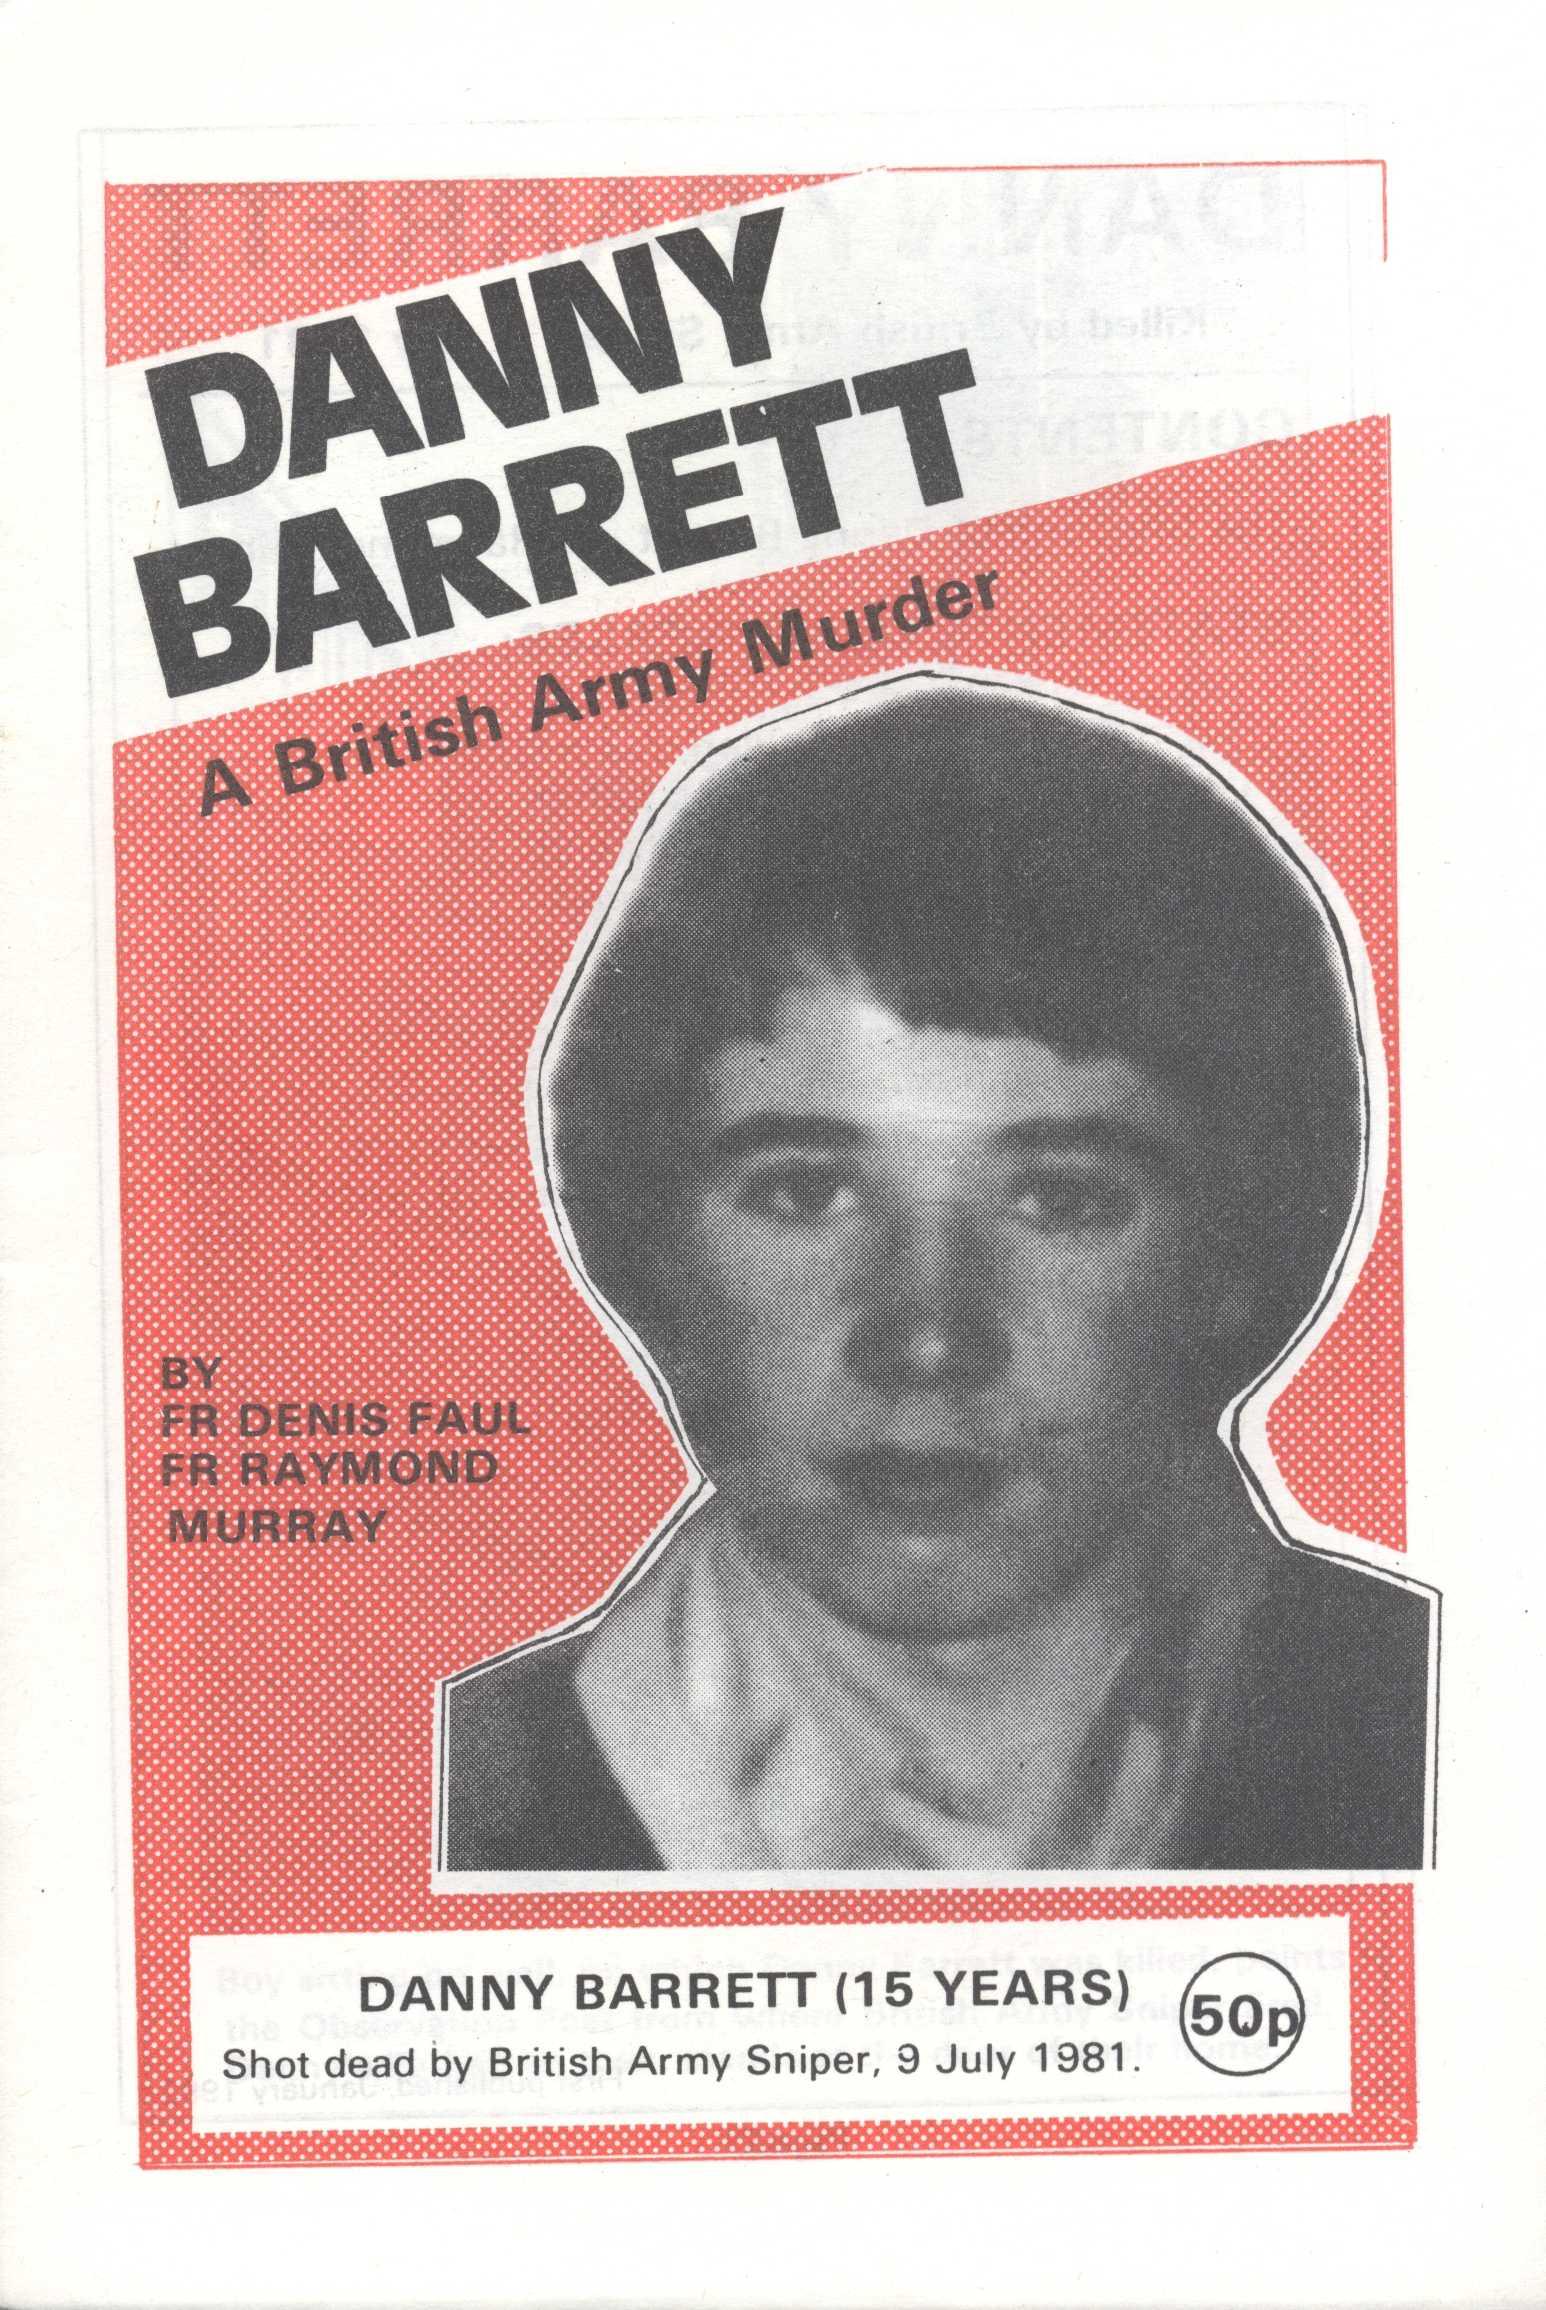 danny barrett a british army murder